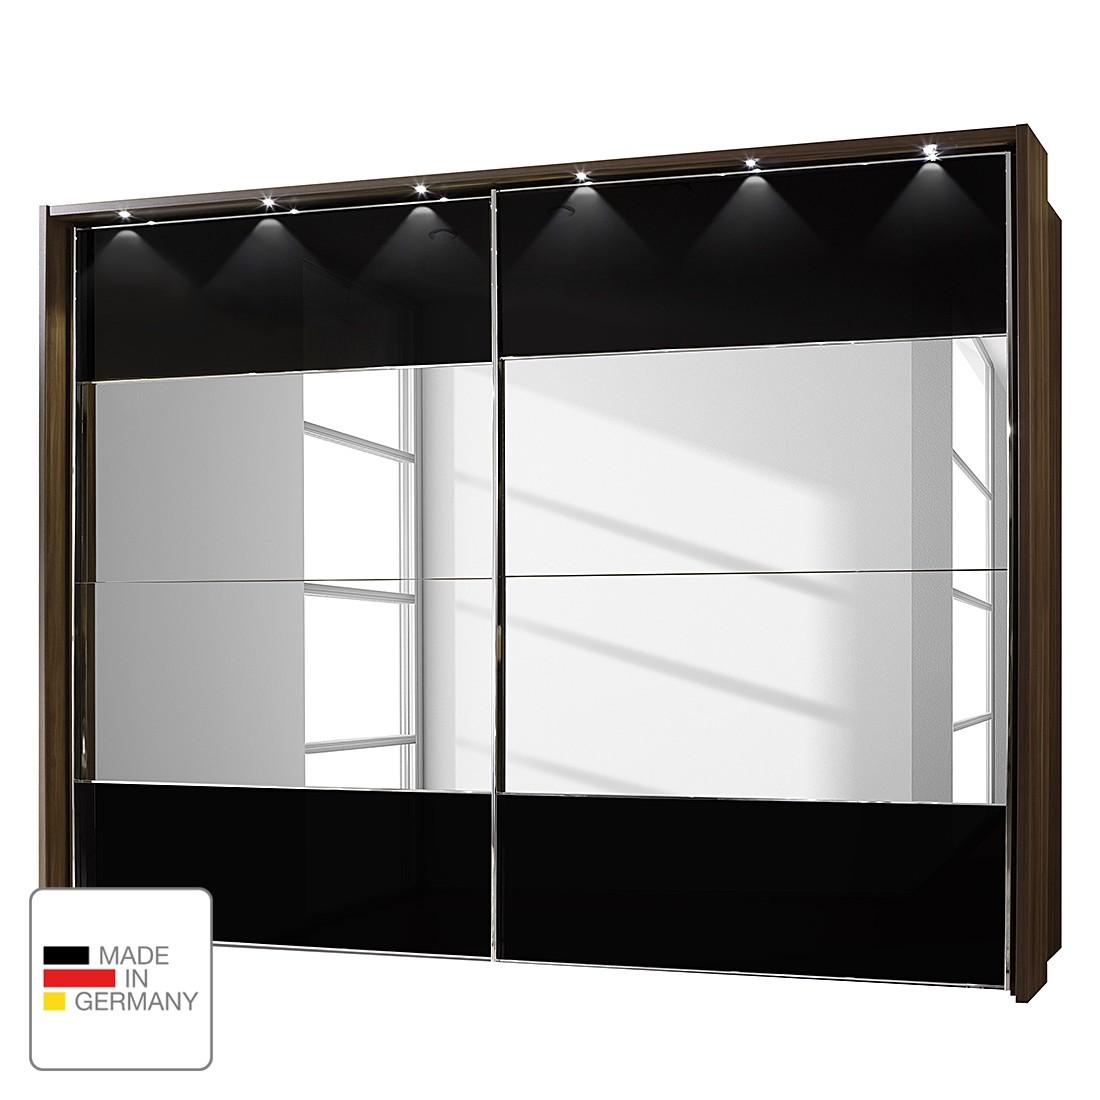 schwarzglas 704 angebote auf find. Black Bedroom Furniture Sets. Home Design Ideas